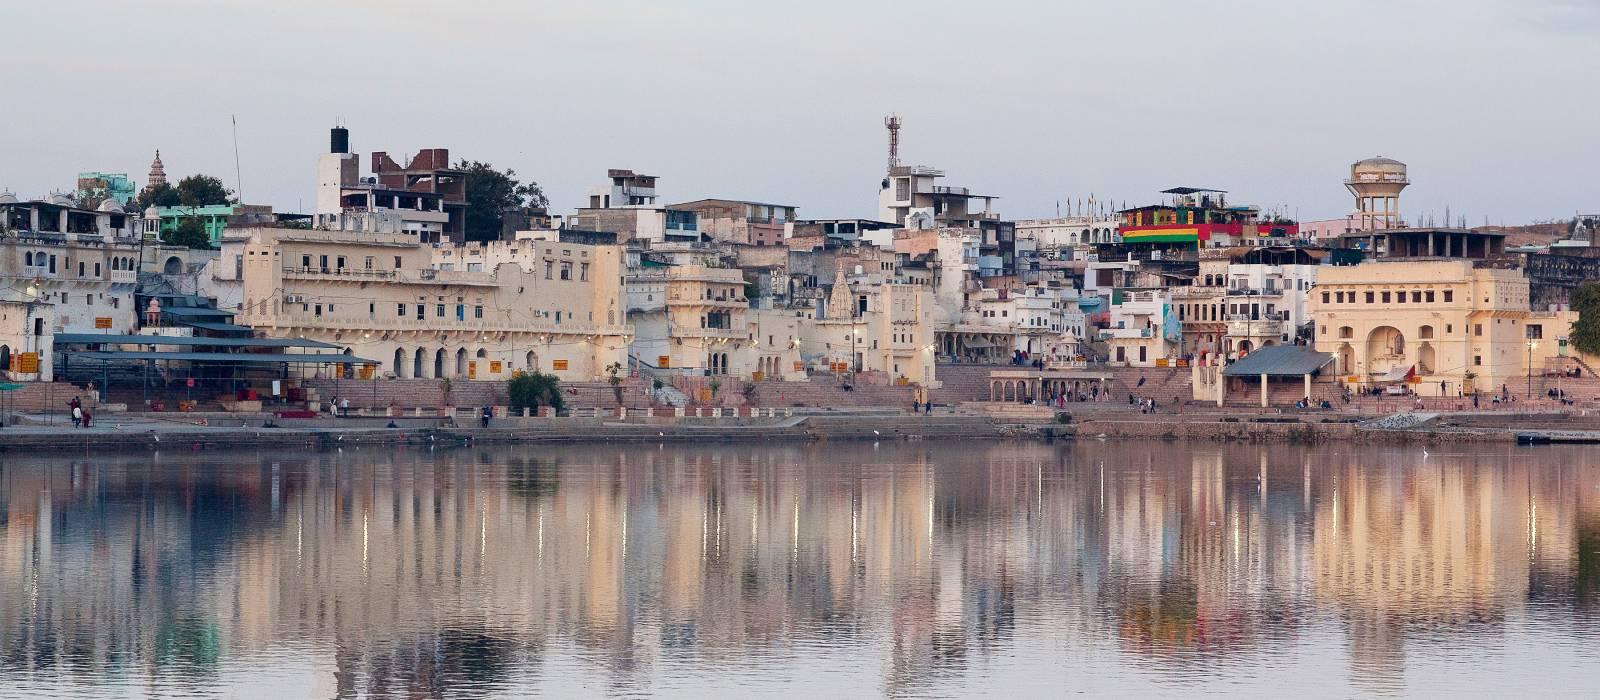 Pushkar town and Pushkar Sarovar lake, Ajmer, Rajasthan, India